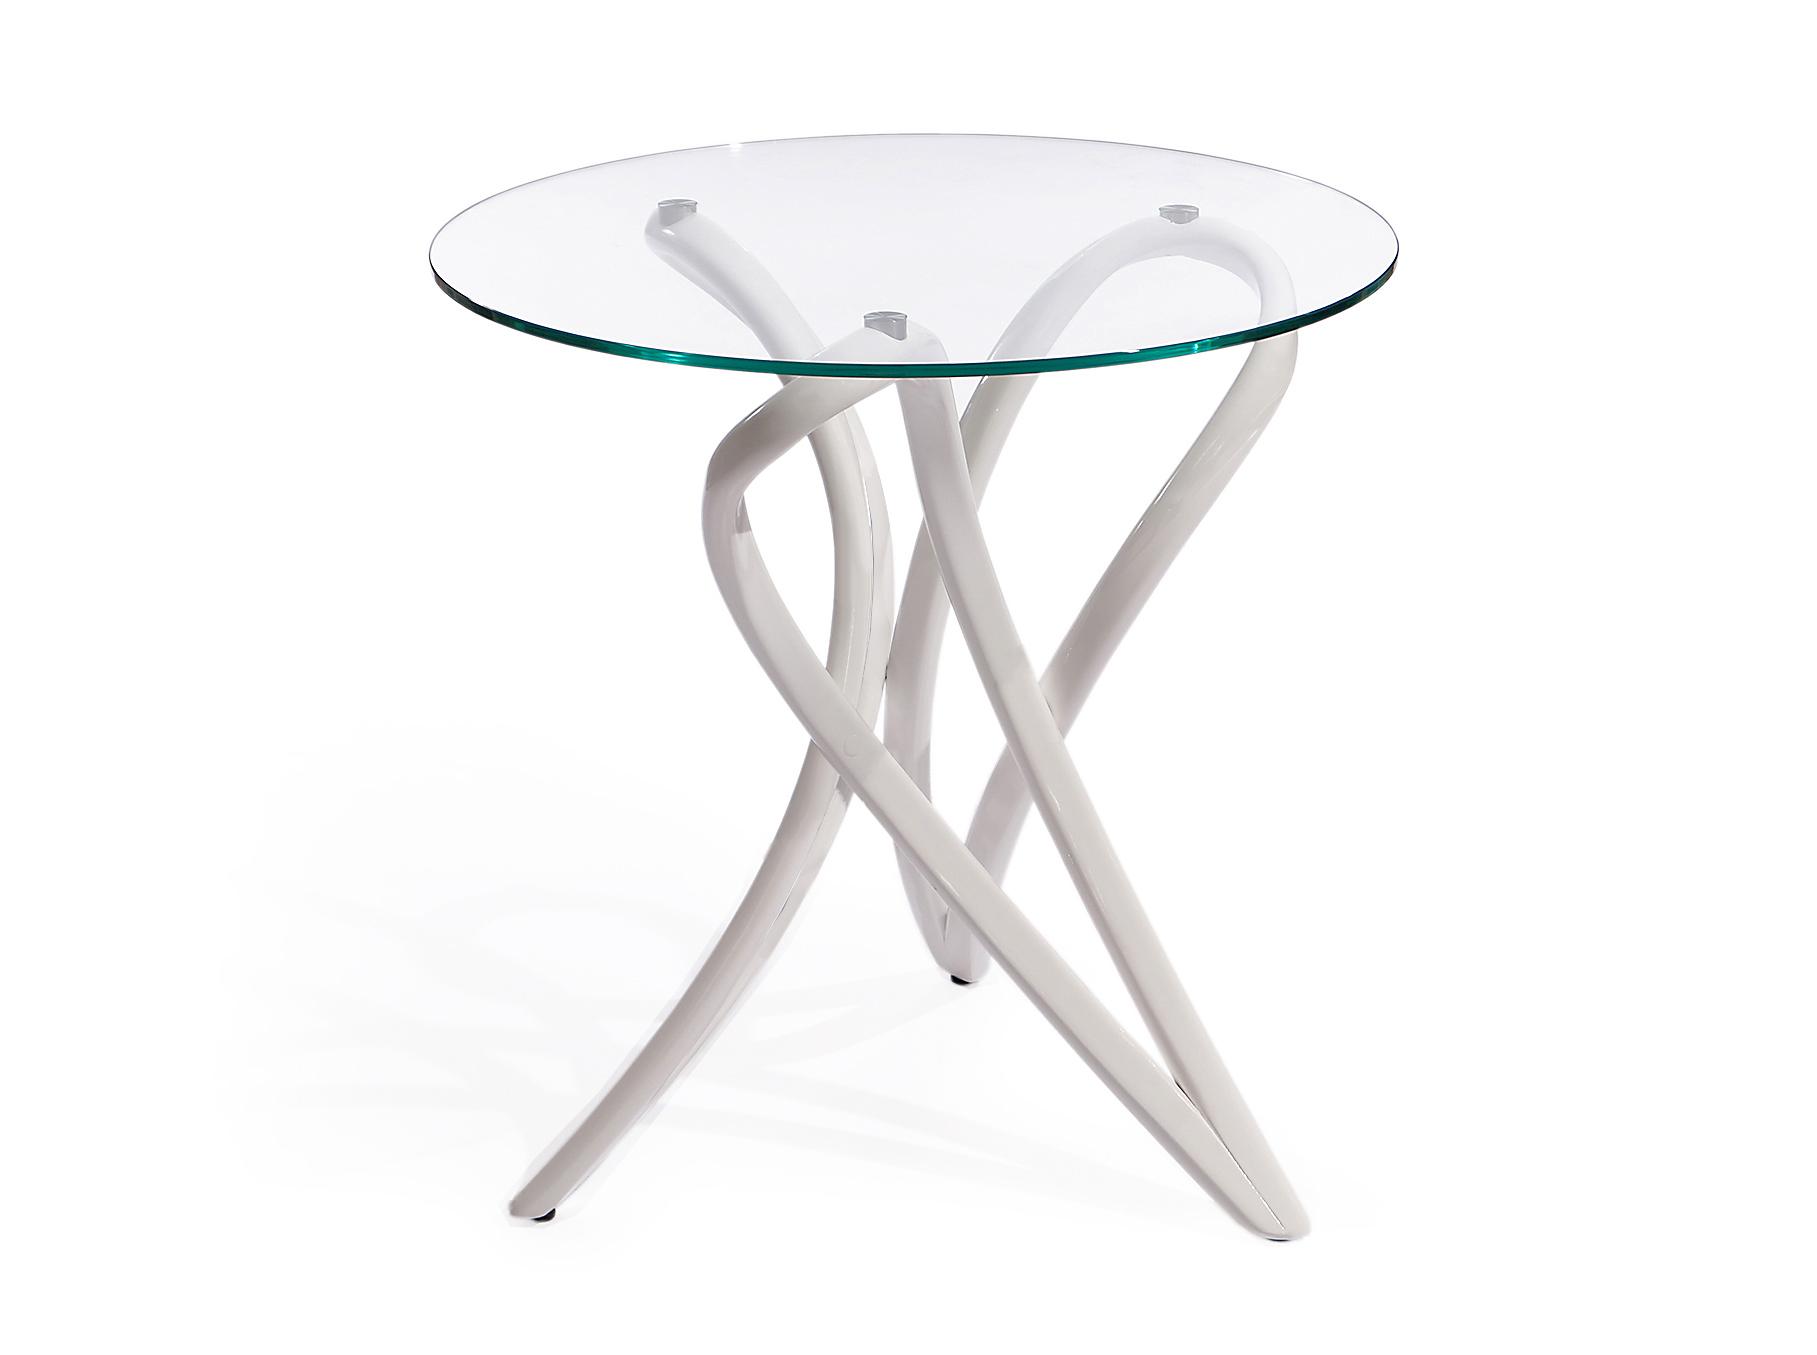 Стол кофейный  Apriori VКофейные столики<br>Функциональная модель коллекции Apriori изготовлена из высококачественных материалов. Кофейный стол на кухне является интересной деталью современного дизайна.<br>Столь популярный в ресторанной среде элемент, успешно прижился в интерьерах домашних кухонь и гостиных. Эта выразительная модель прекрасно подойдет в качестве дополнительного места для размещения блюд, а также для разделения зон кухни и столовой.<br><br>Material: Стекло<br>Высота см: 75.0